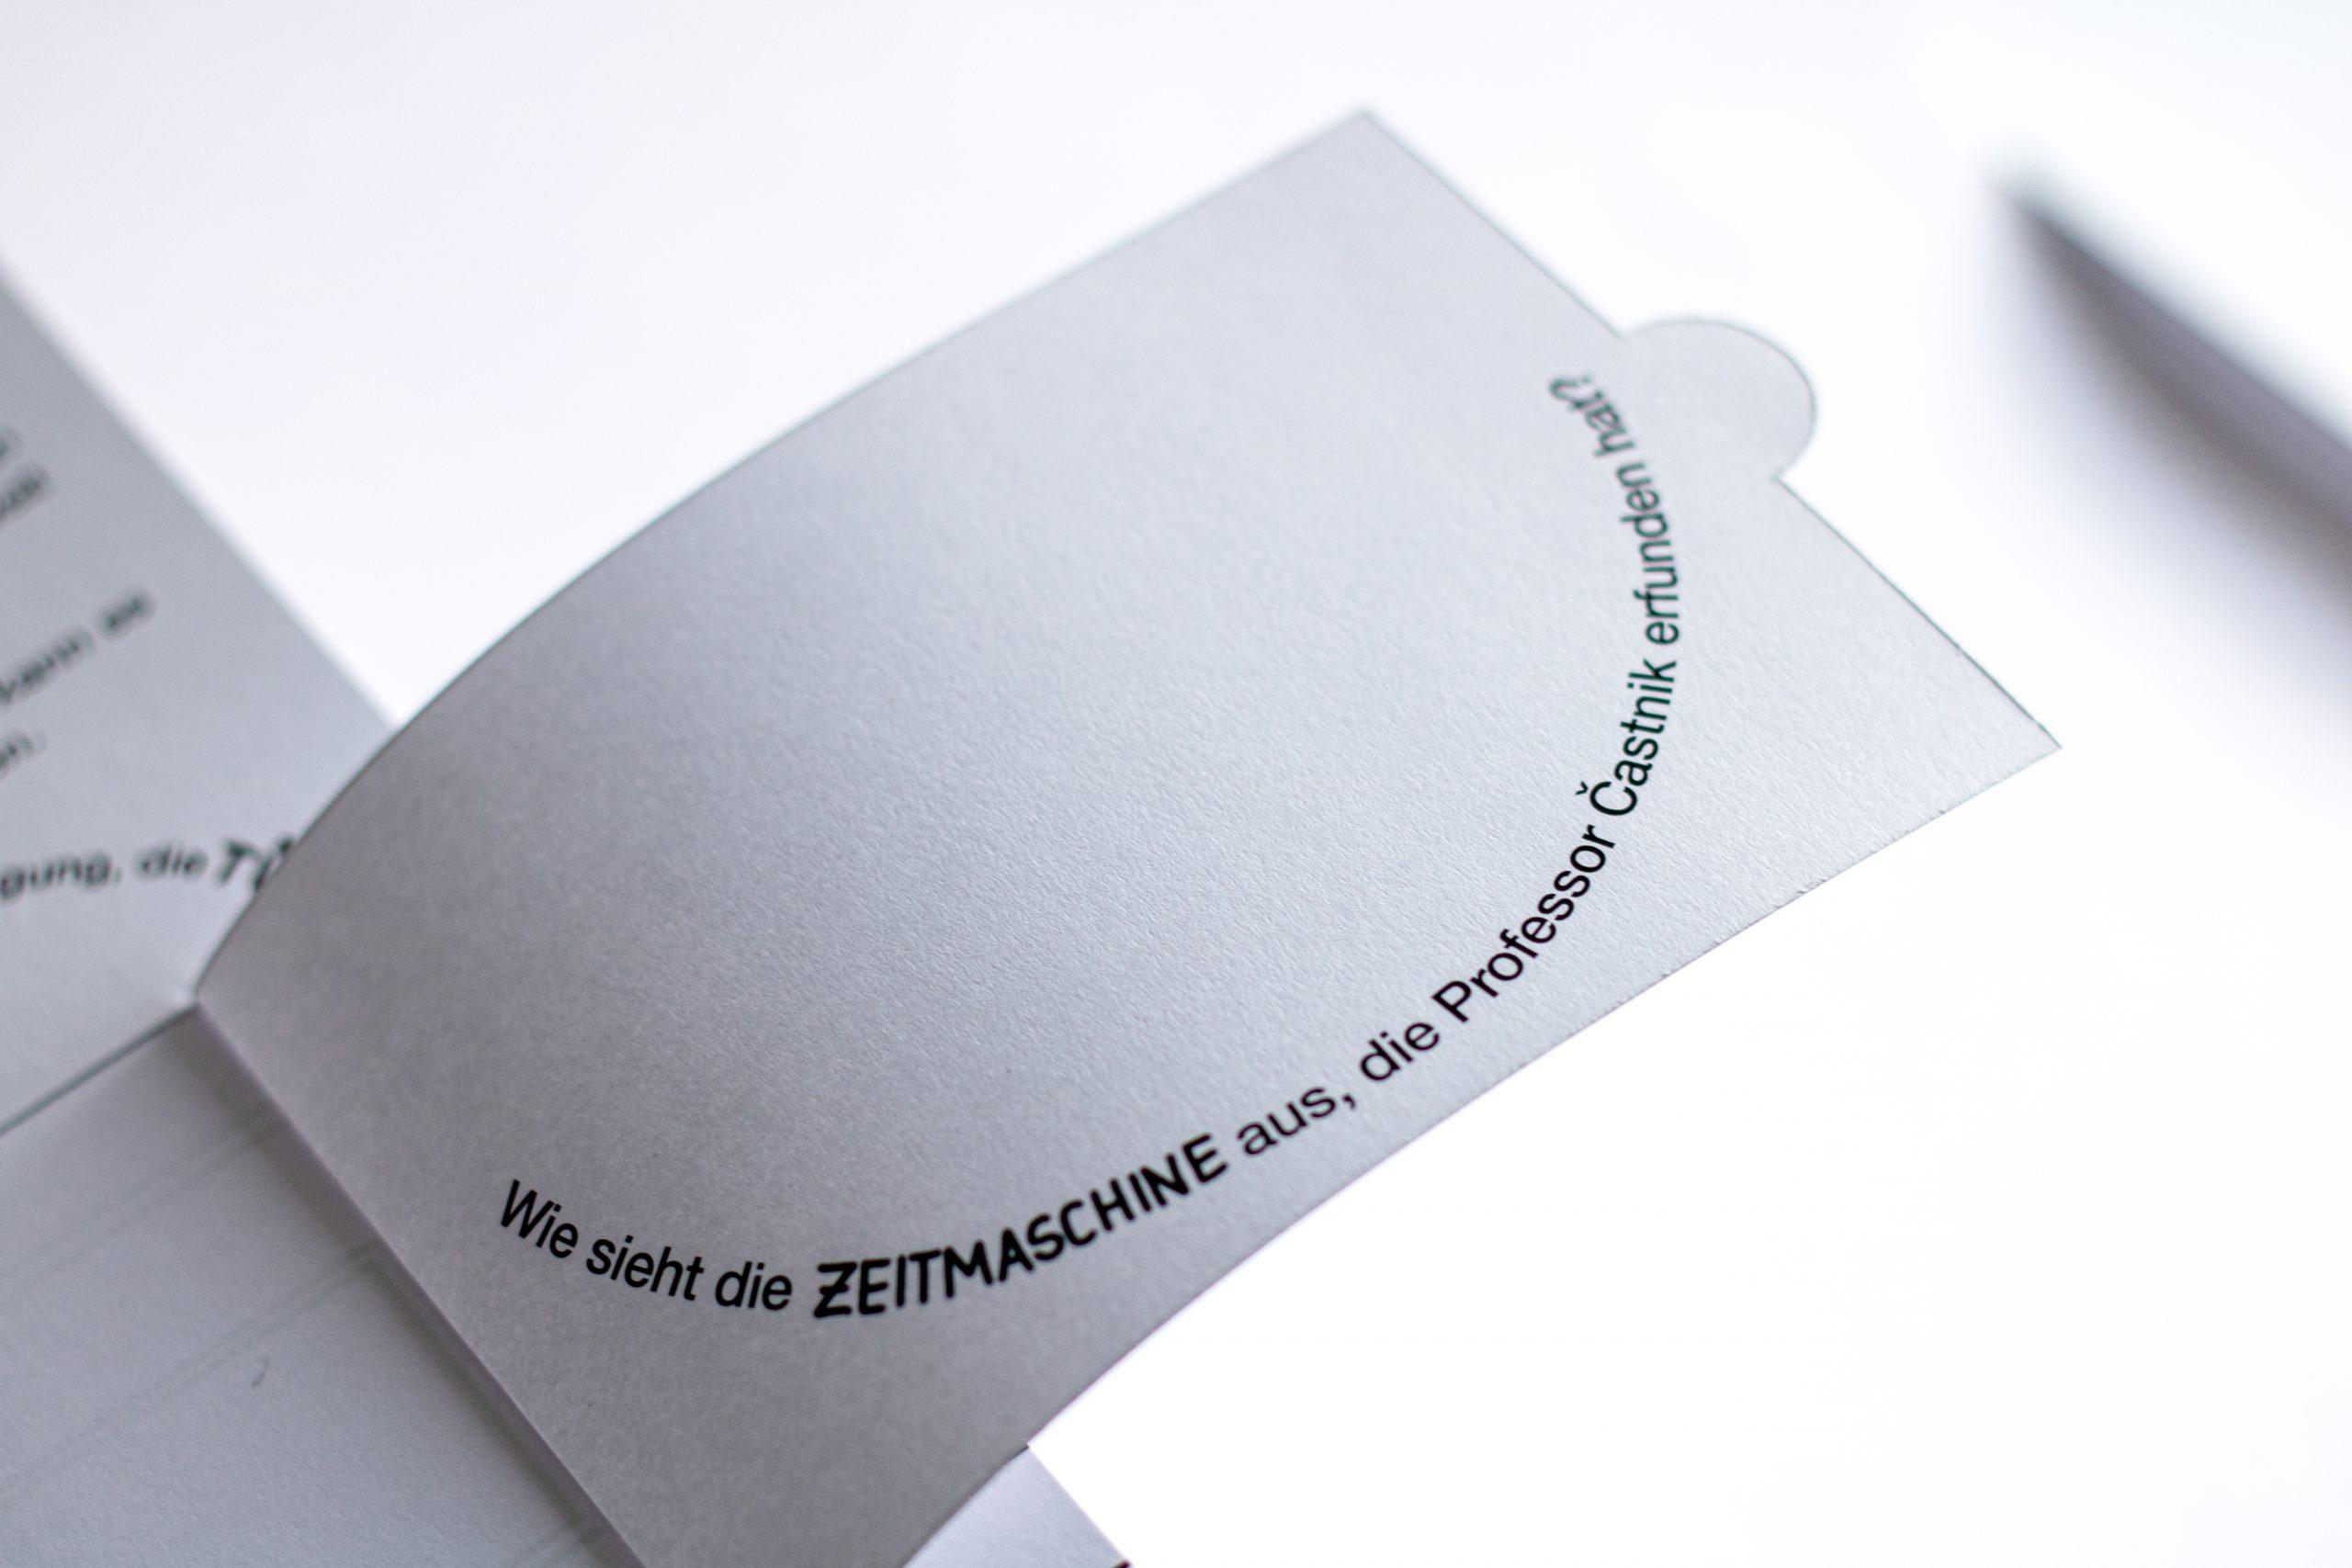 FH-JOANNEUM_IND17_Bucovnik-Nadja_Bakkarbeit_Durch_die_Zeit_-2